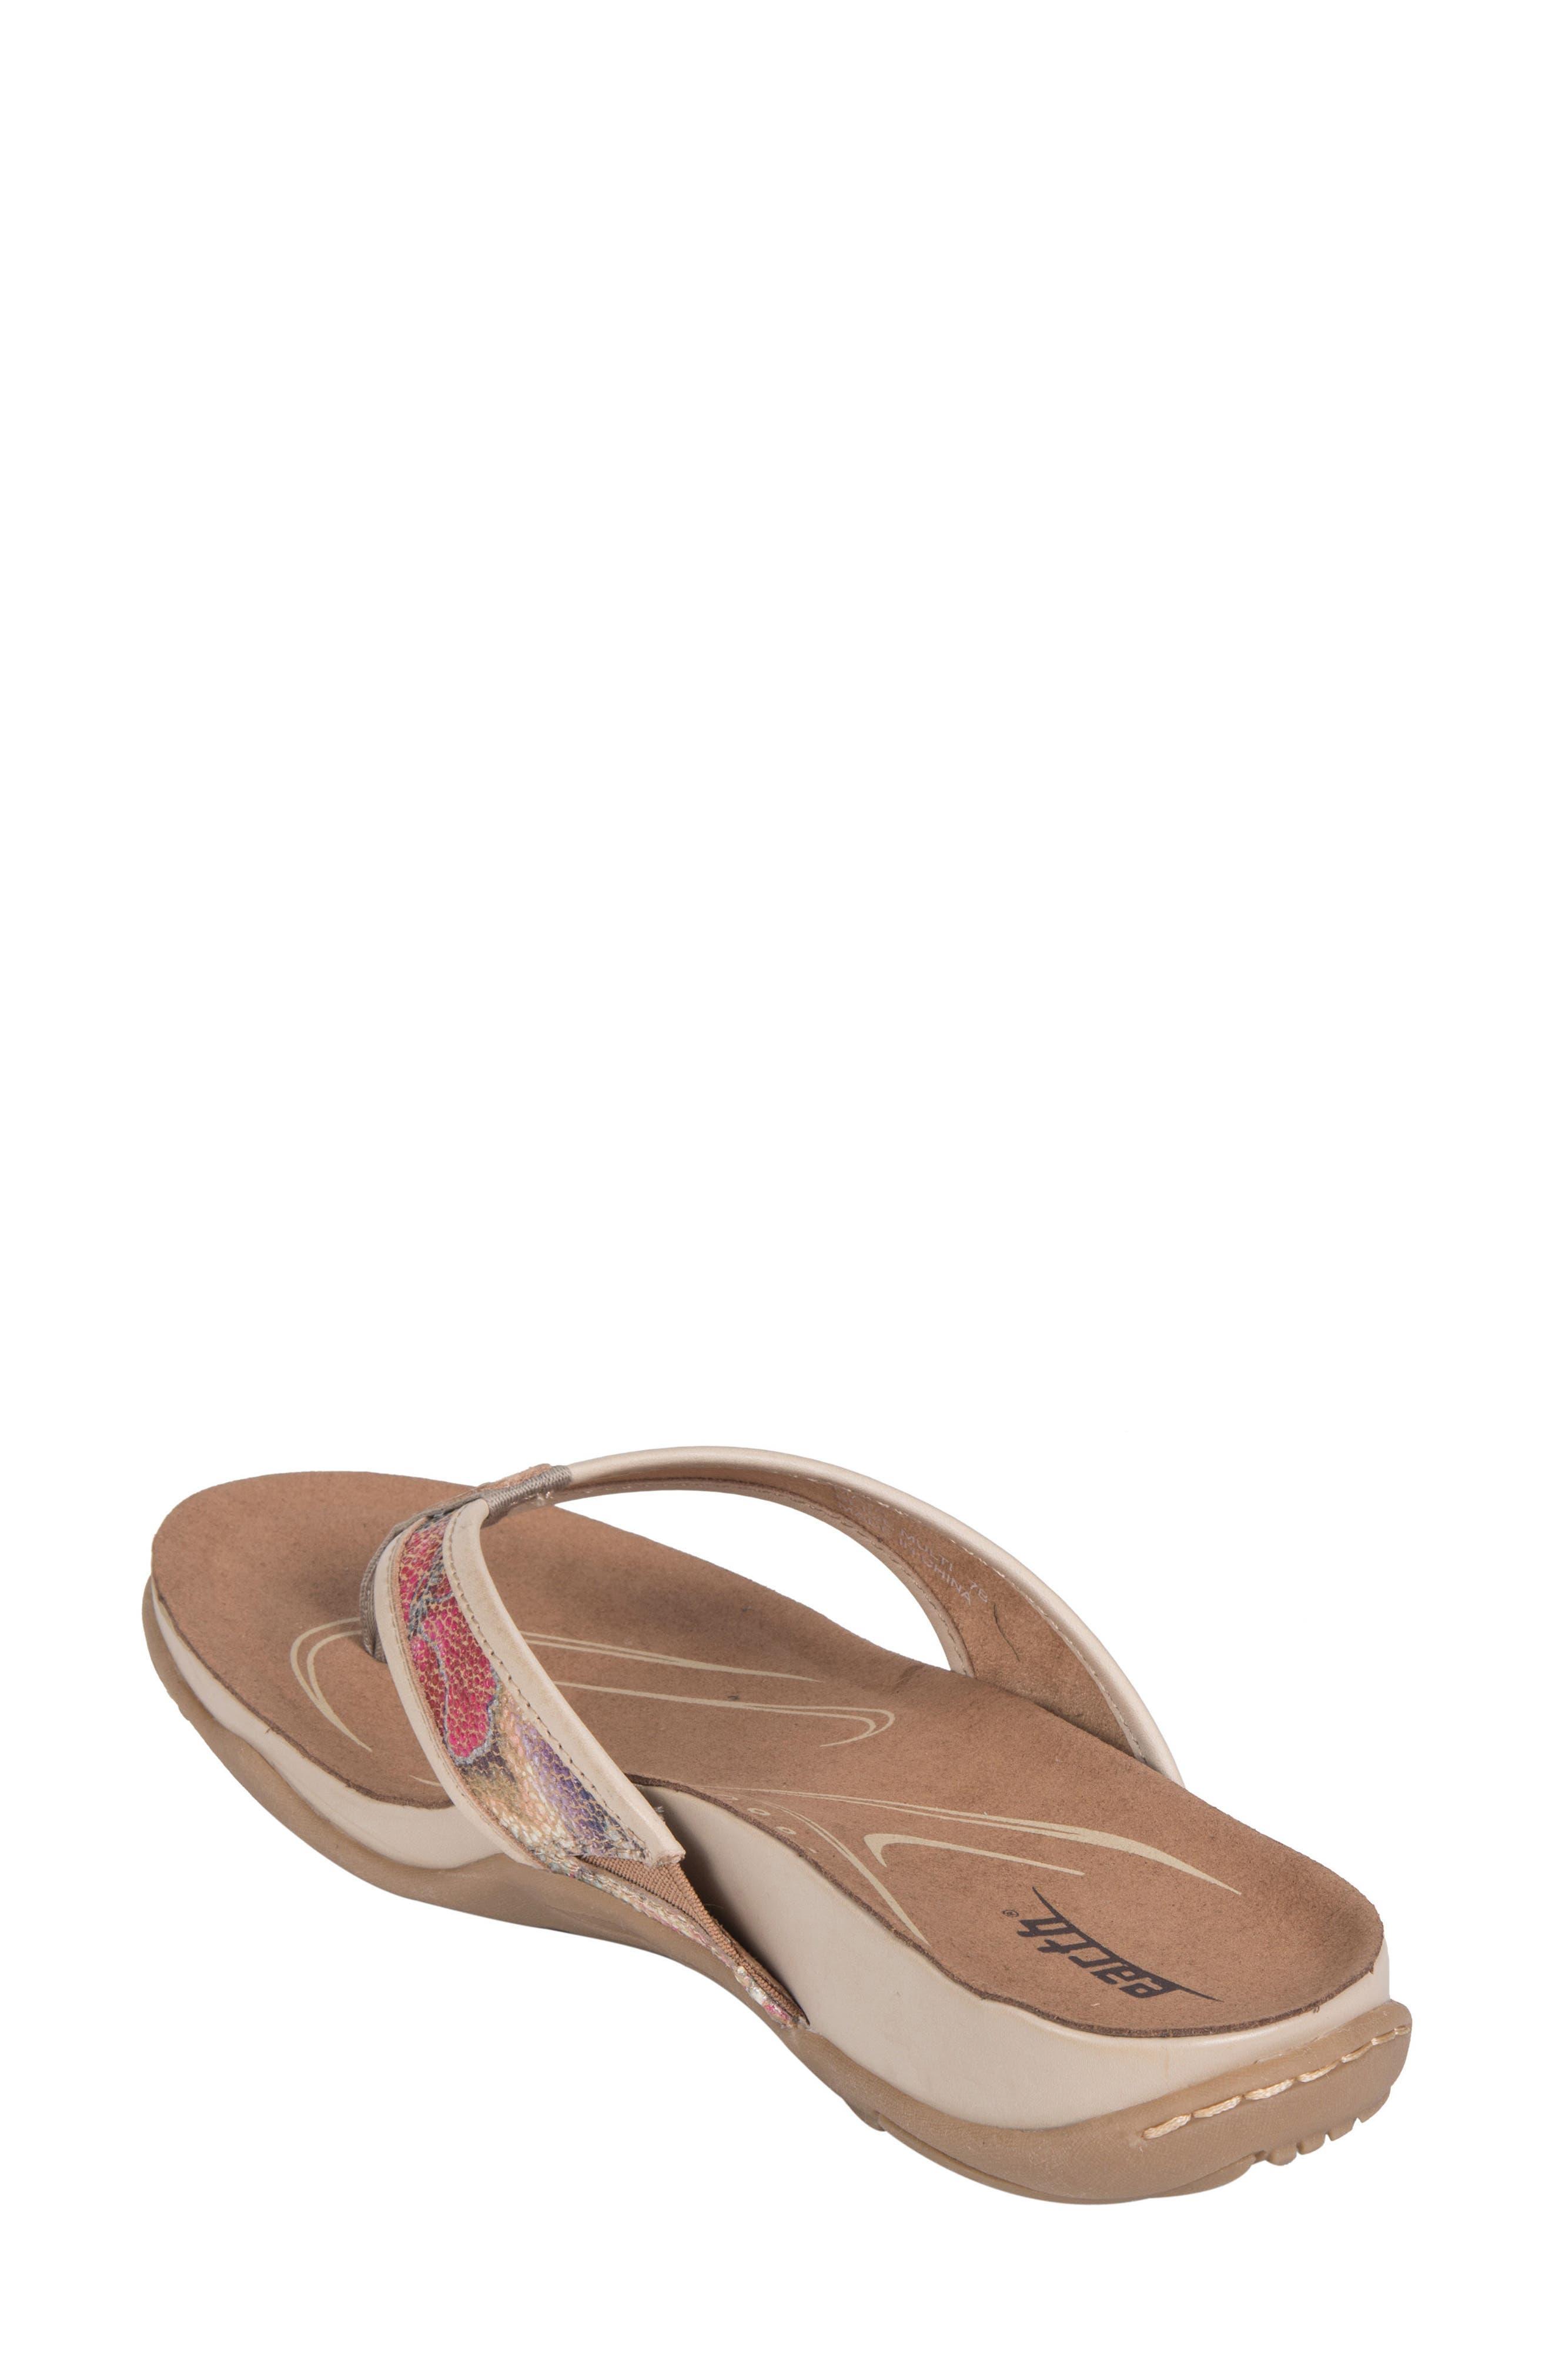 Lince Vie Marine DE LA Peau Shoes GfXLOzmr